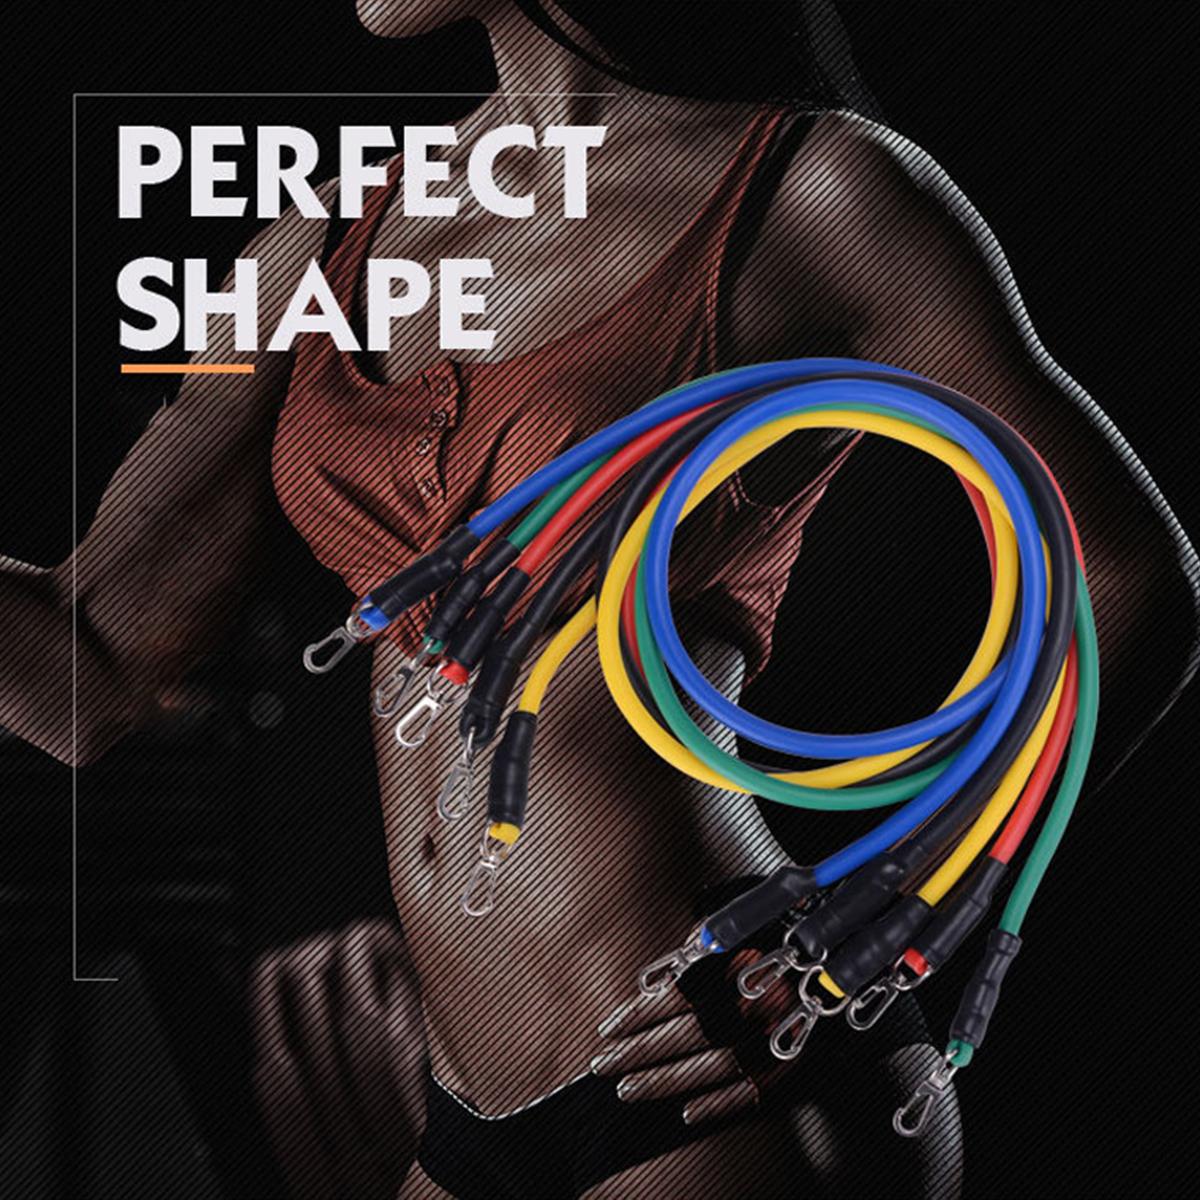 17pcs Pull Rope Fitness Exercises Resistance Band Set Training Yoga Band Gym